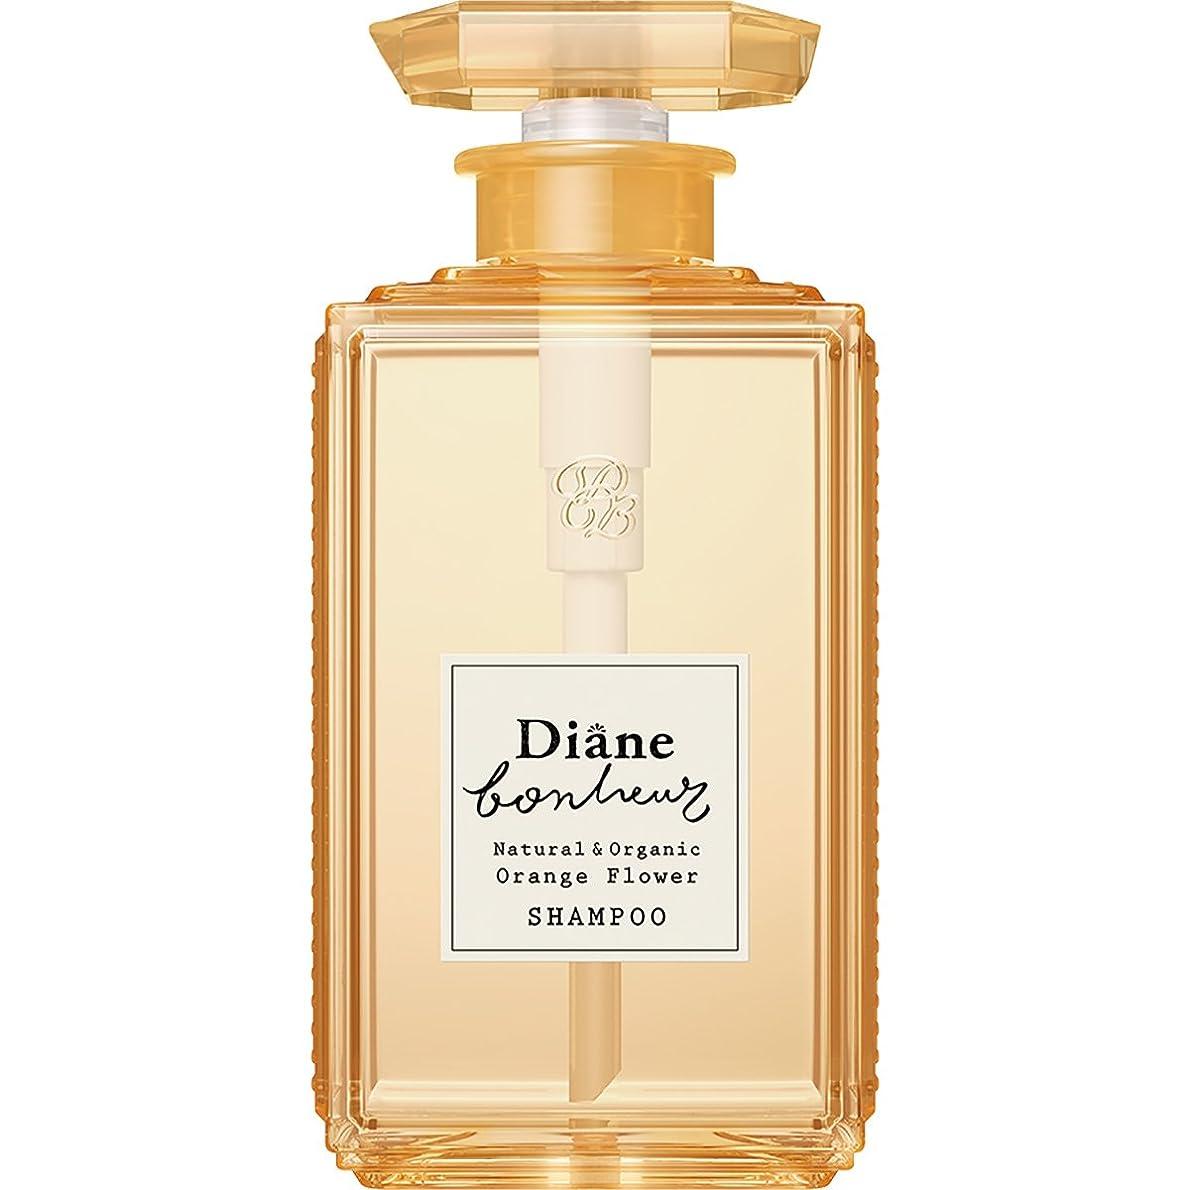 ペレグリネーション唇女の子ダイアン ボヌール オレンジフラワーの香り モイストリラックス シャンプー 500ml